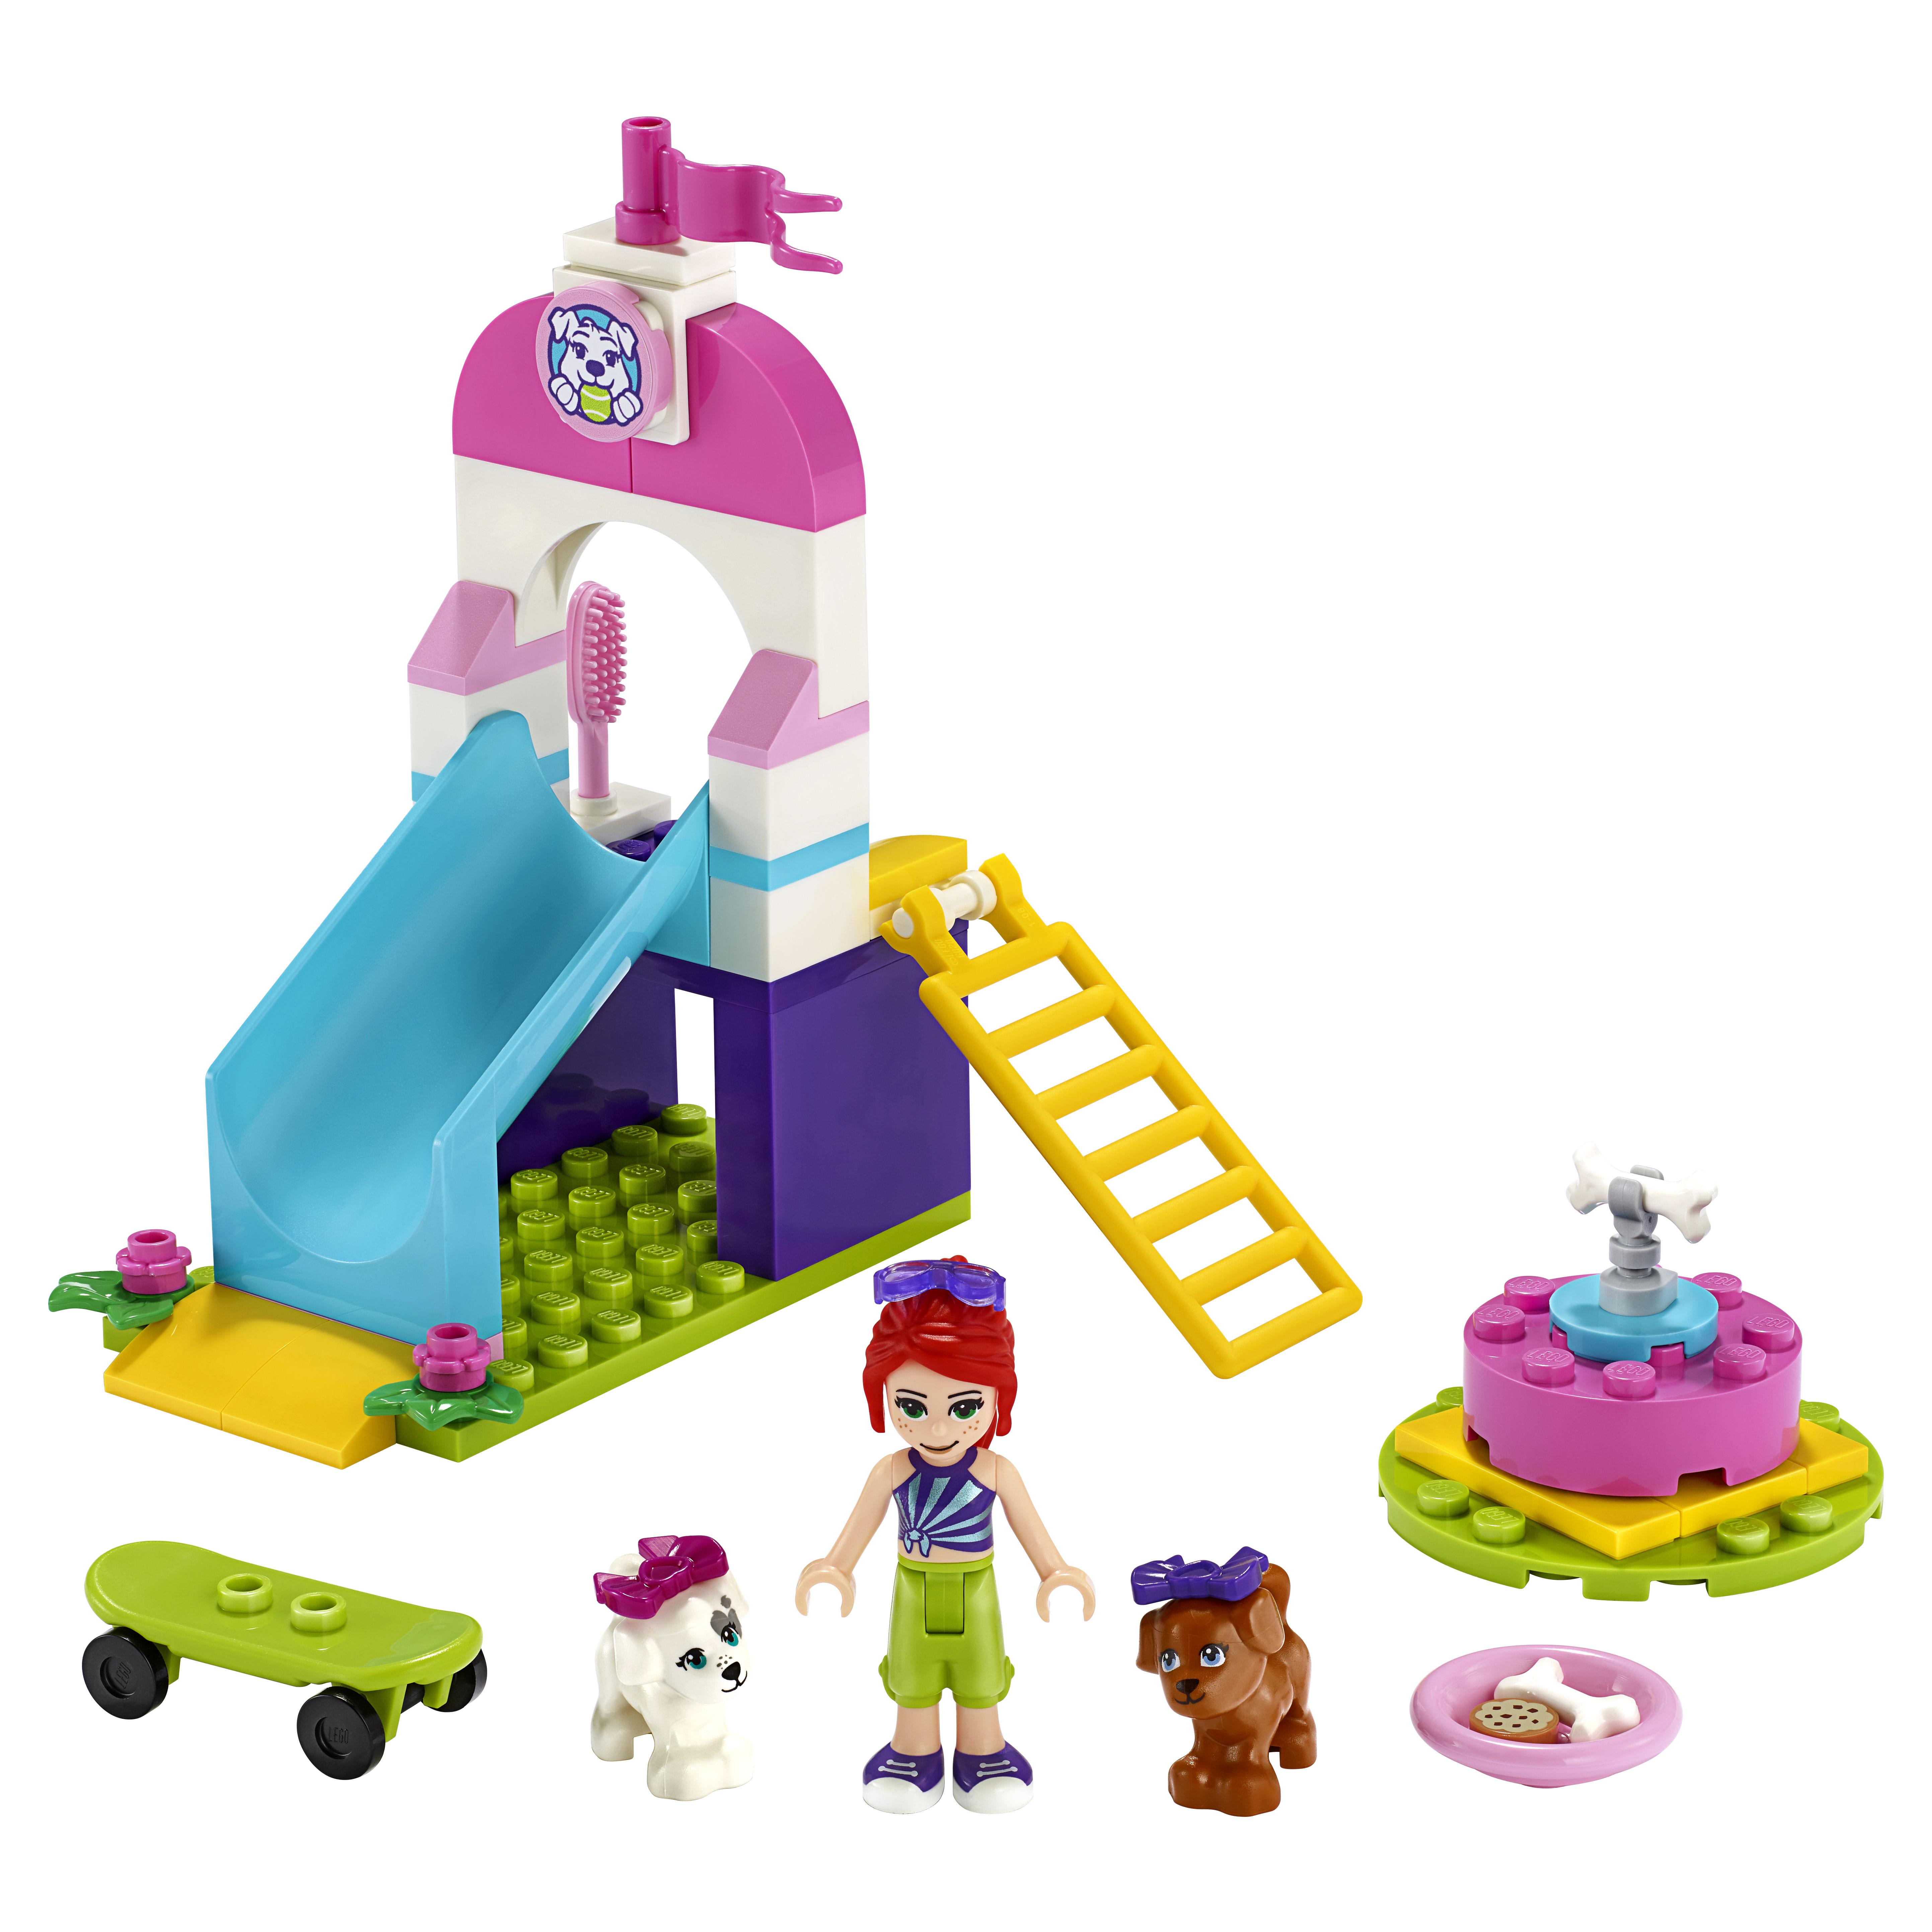 Конструктор LEGO Friends 41396 Игровая площадка для щенков фото